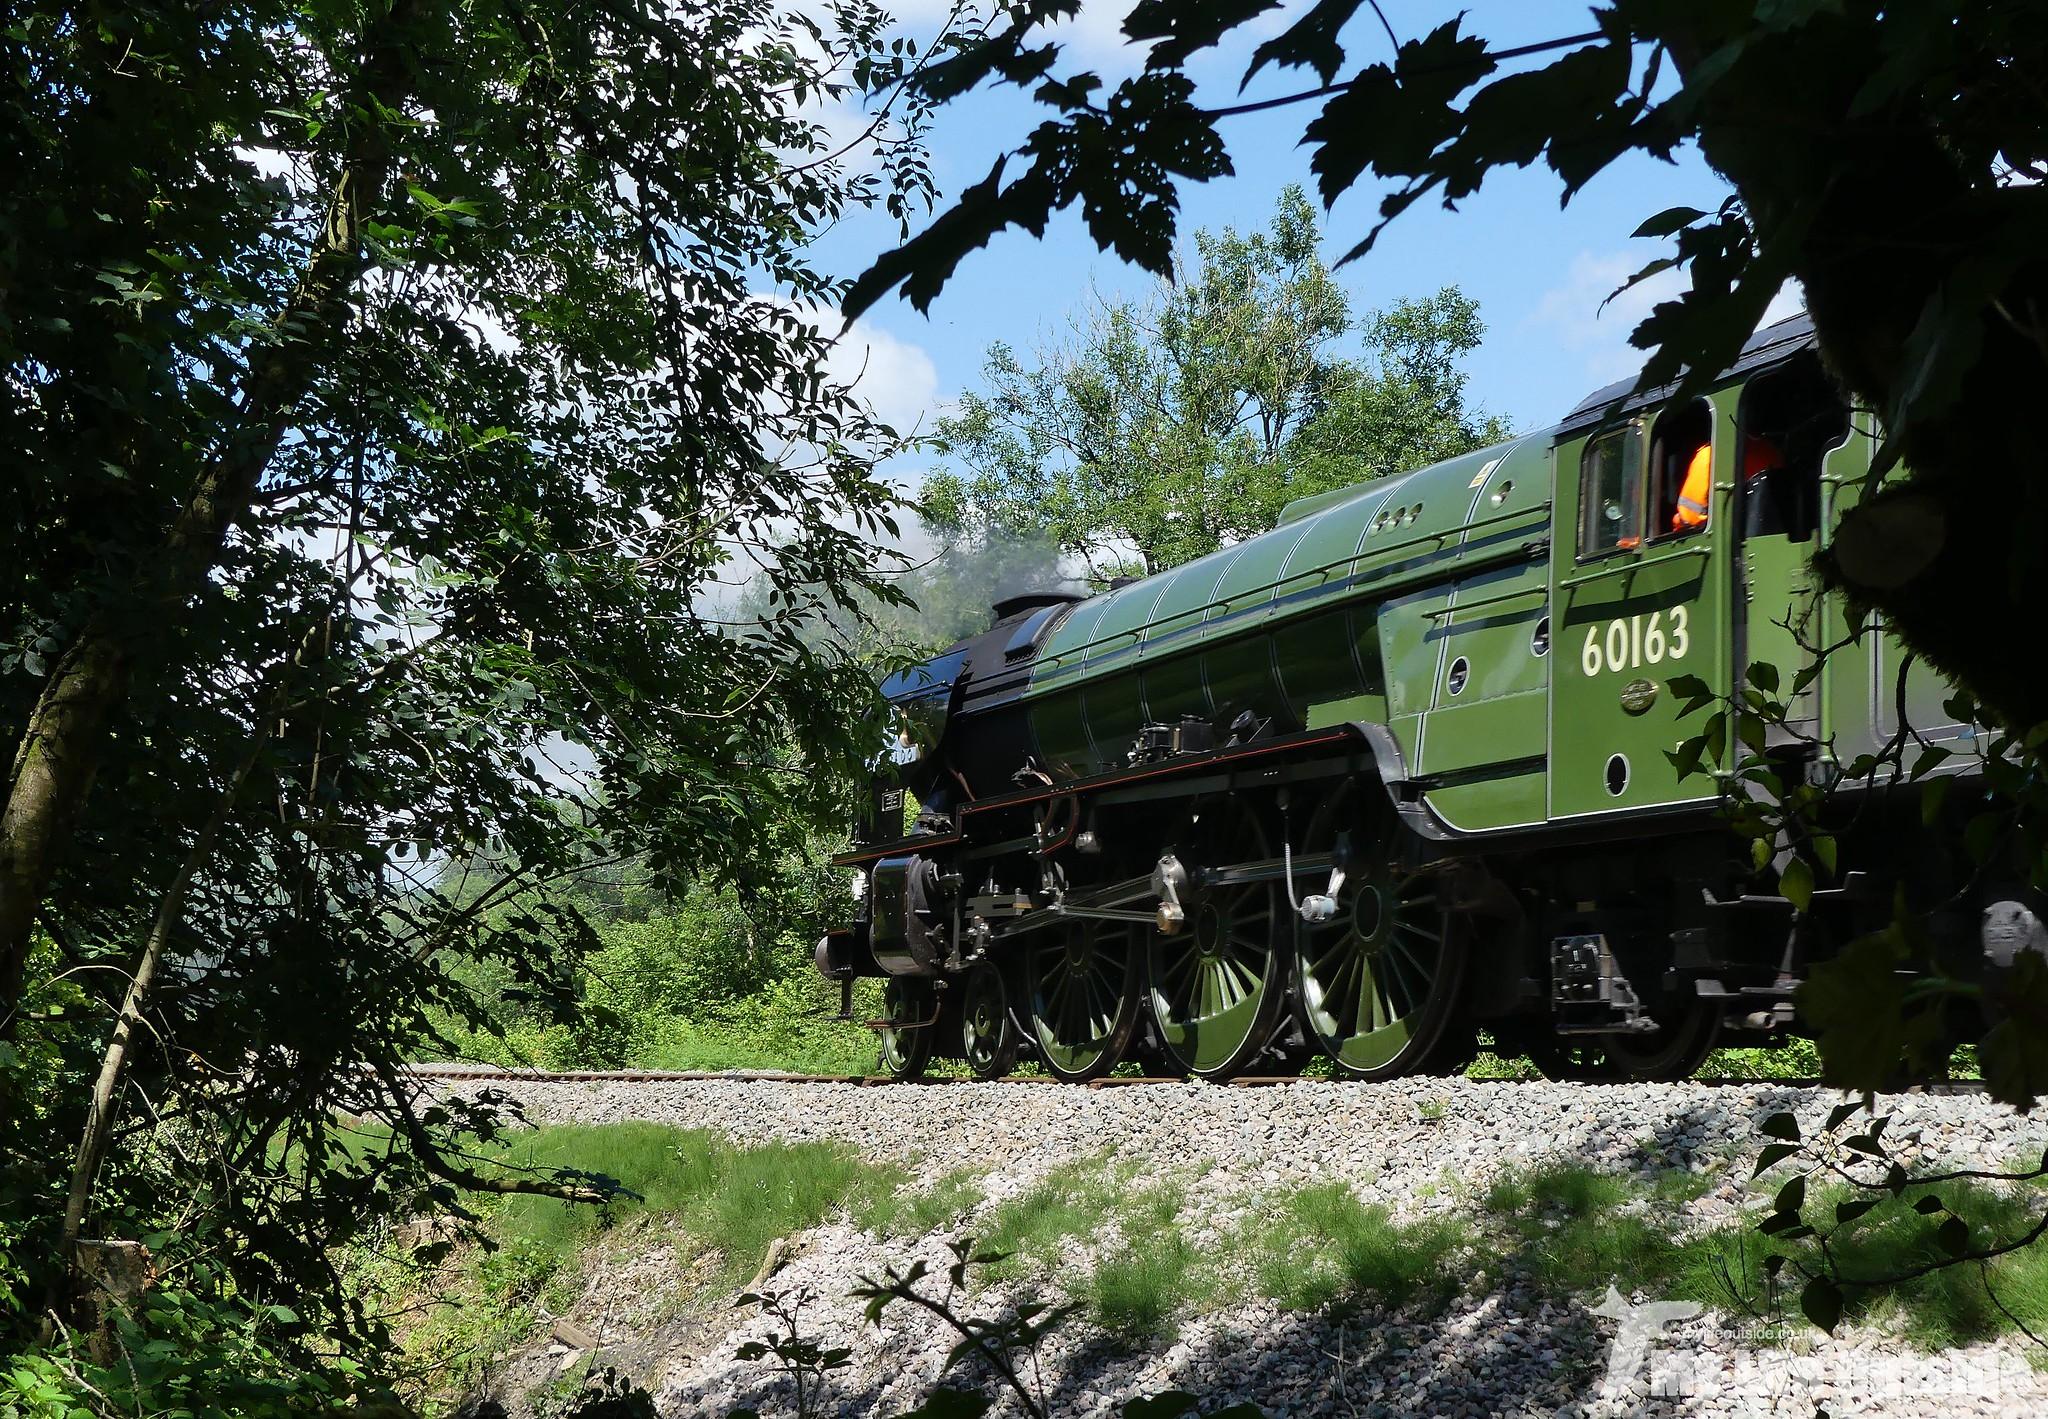 P1210305 - Pembroke Coast Express